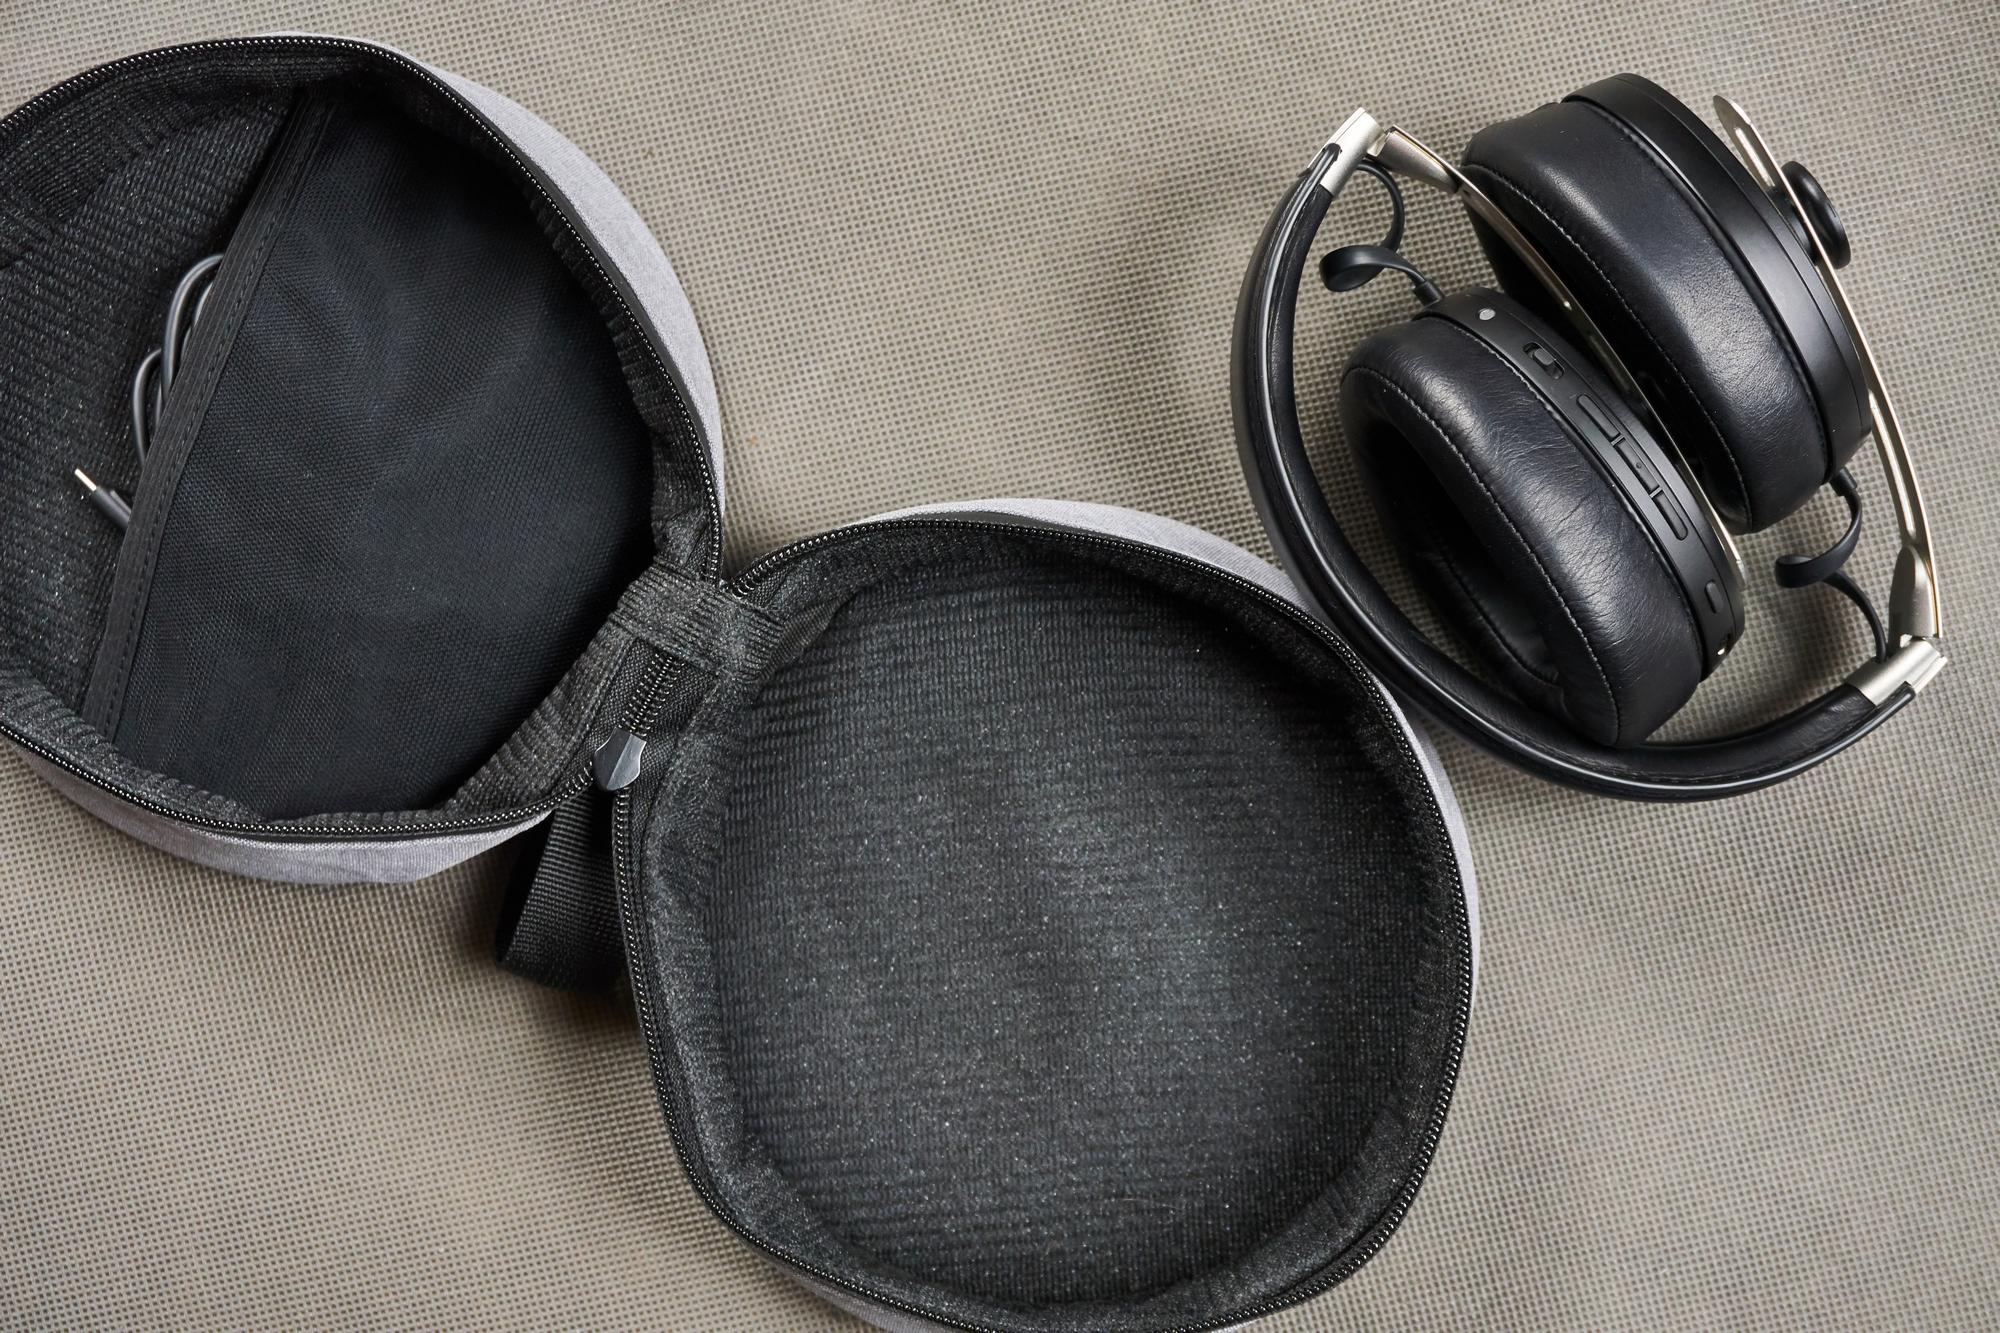 Recenzja Sennheiser Momentum Wireless - niemieckim inżynierom dźwięku progres nie jest obcy 18 Sennheiser Momentum Wireless